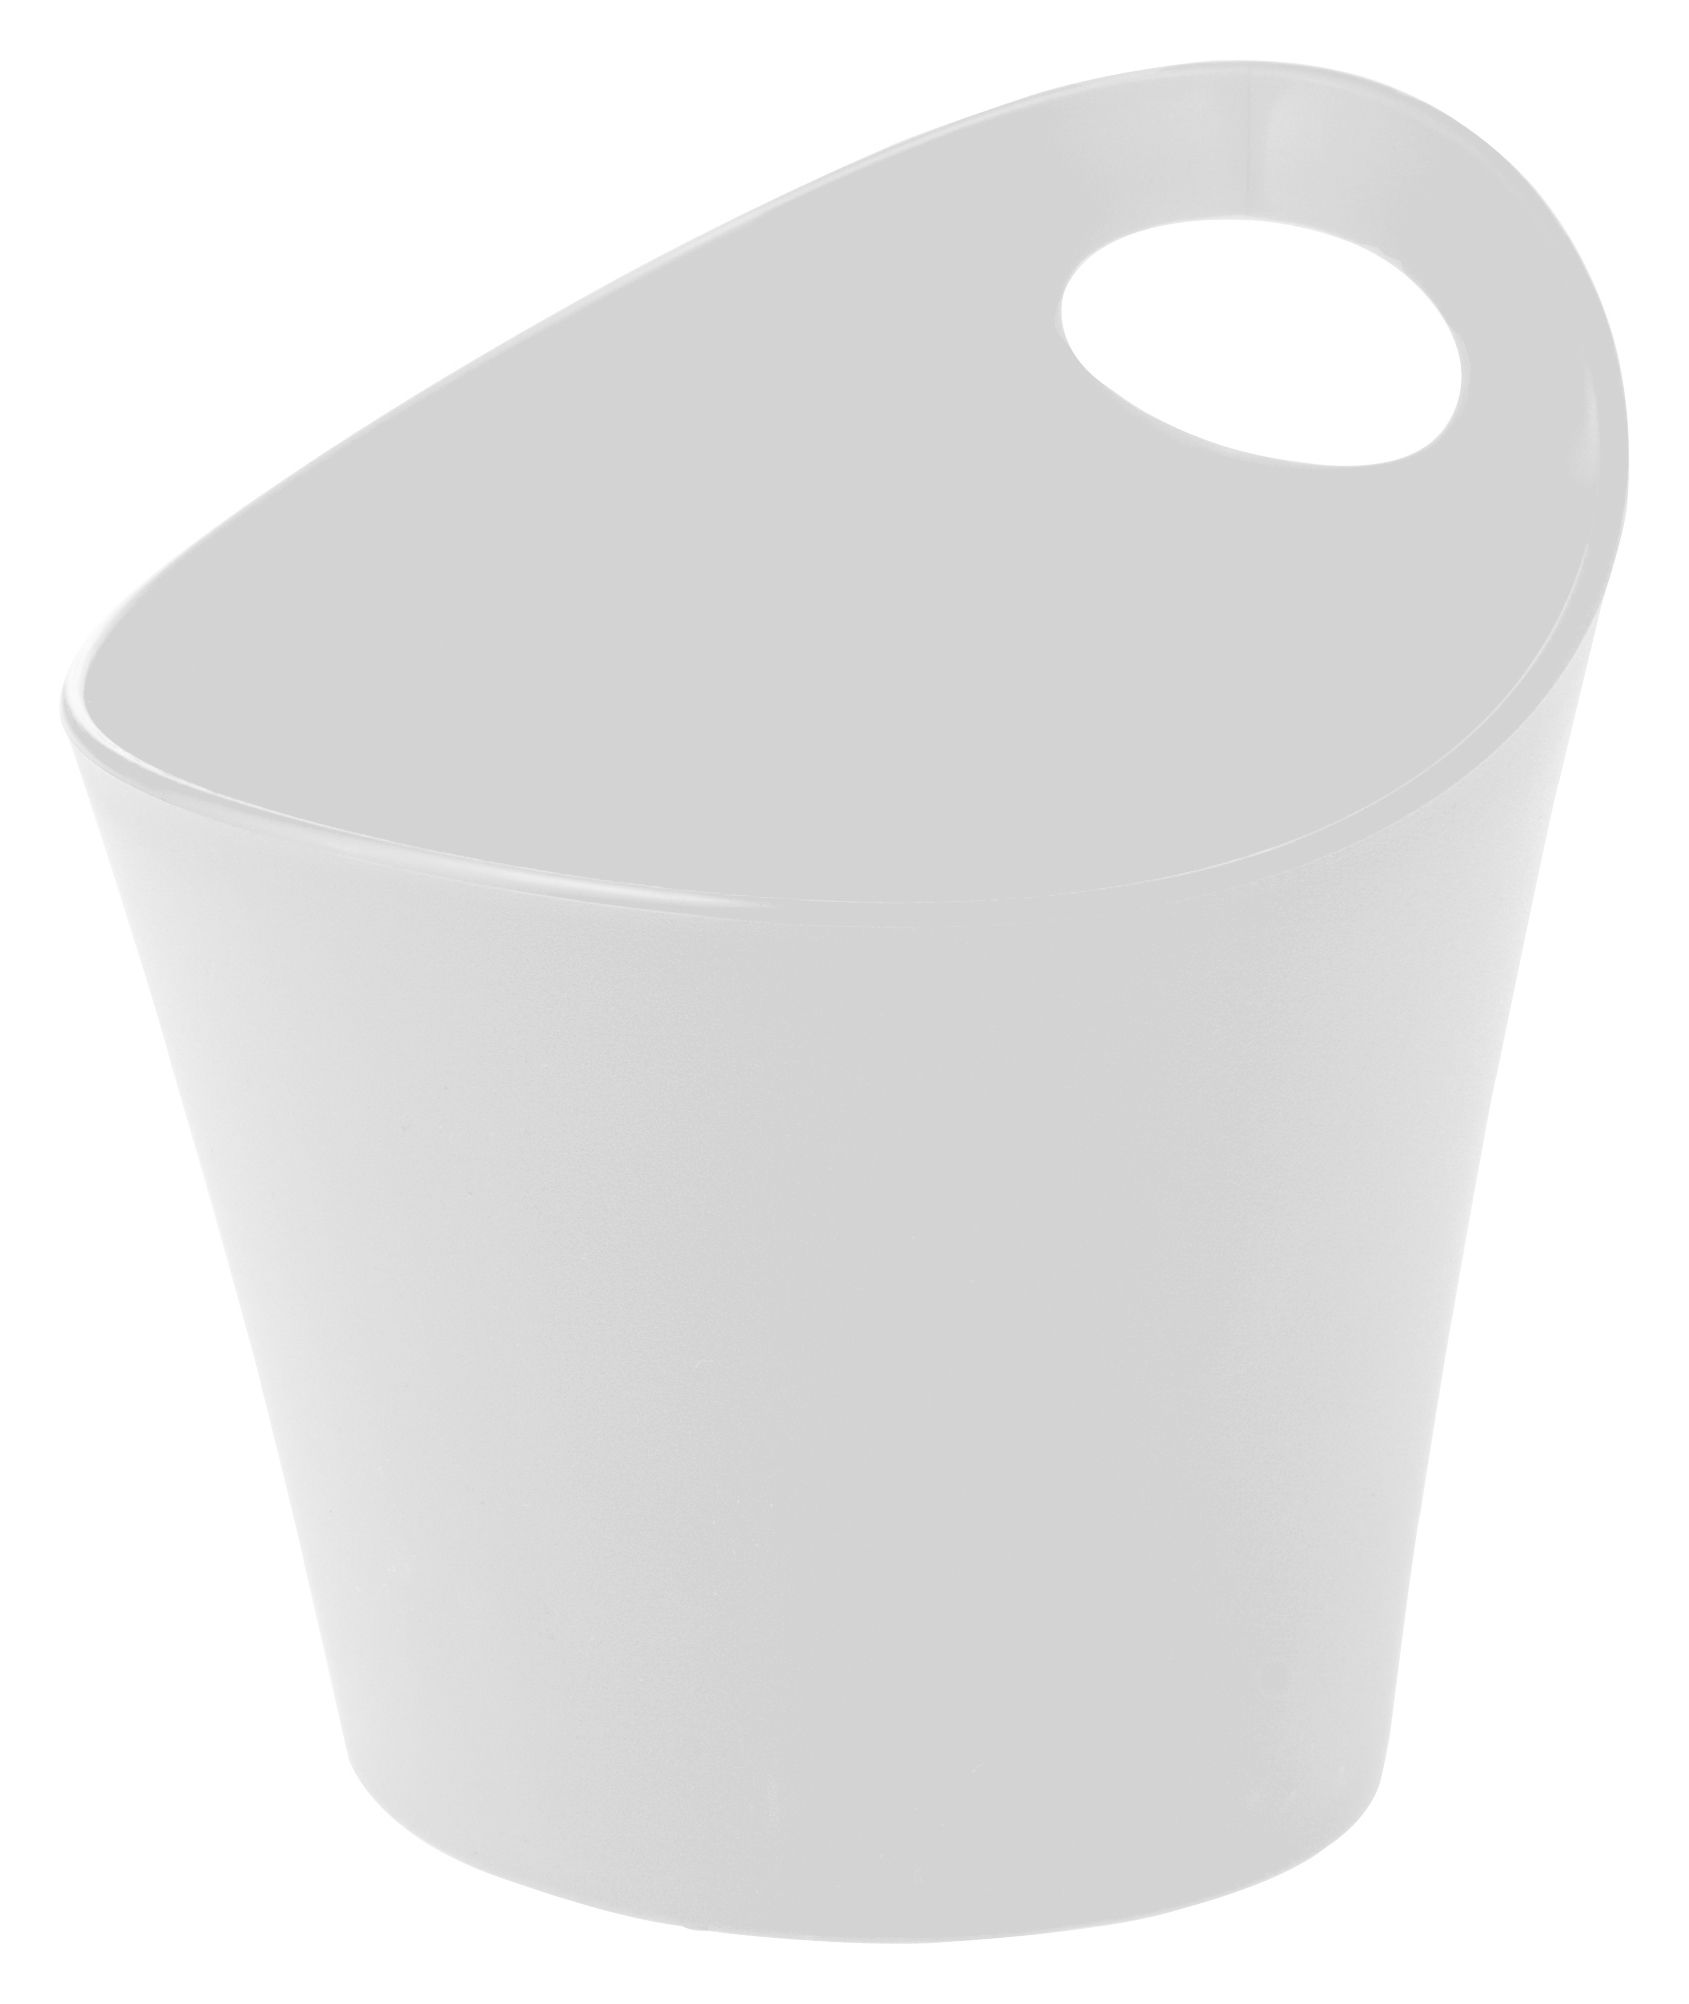 Interni - Bagno  - Vaso Pottichelli di Koziol - Bianco - PMMA